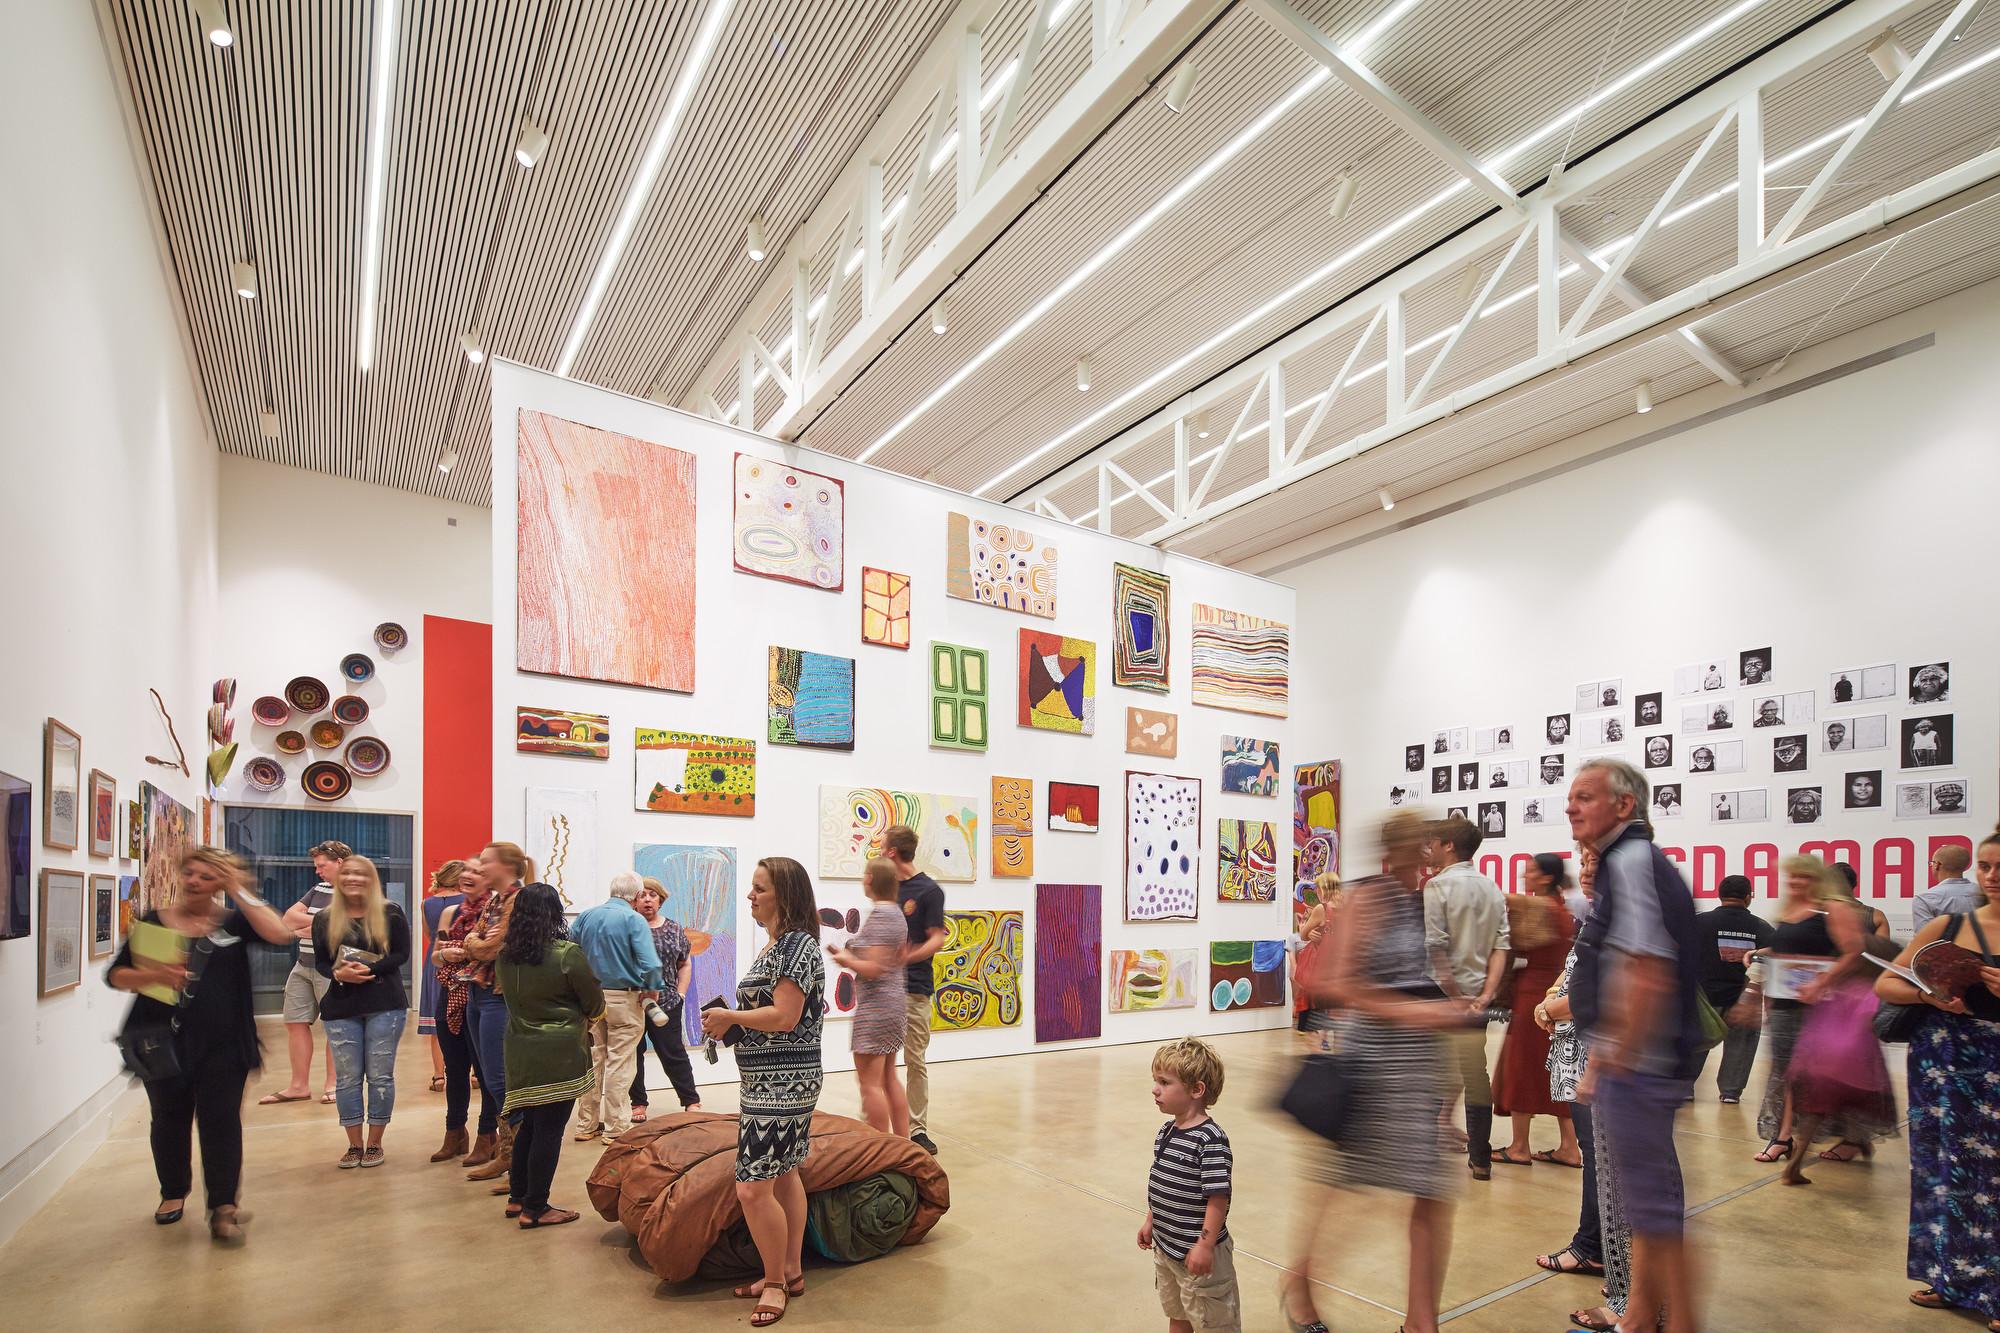 East Pilbara Arts Centre interior